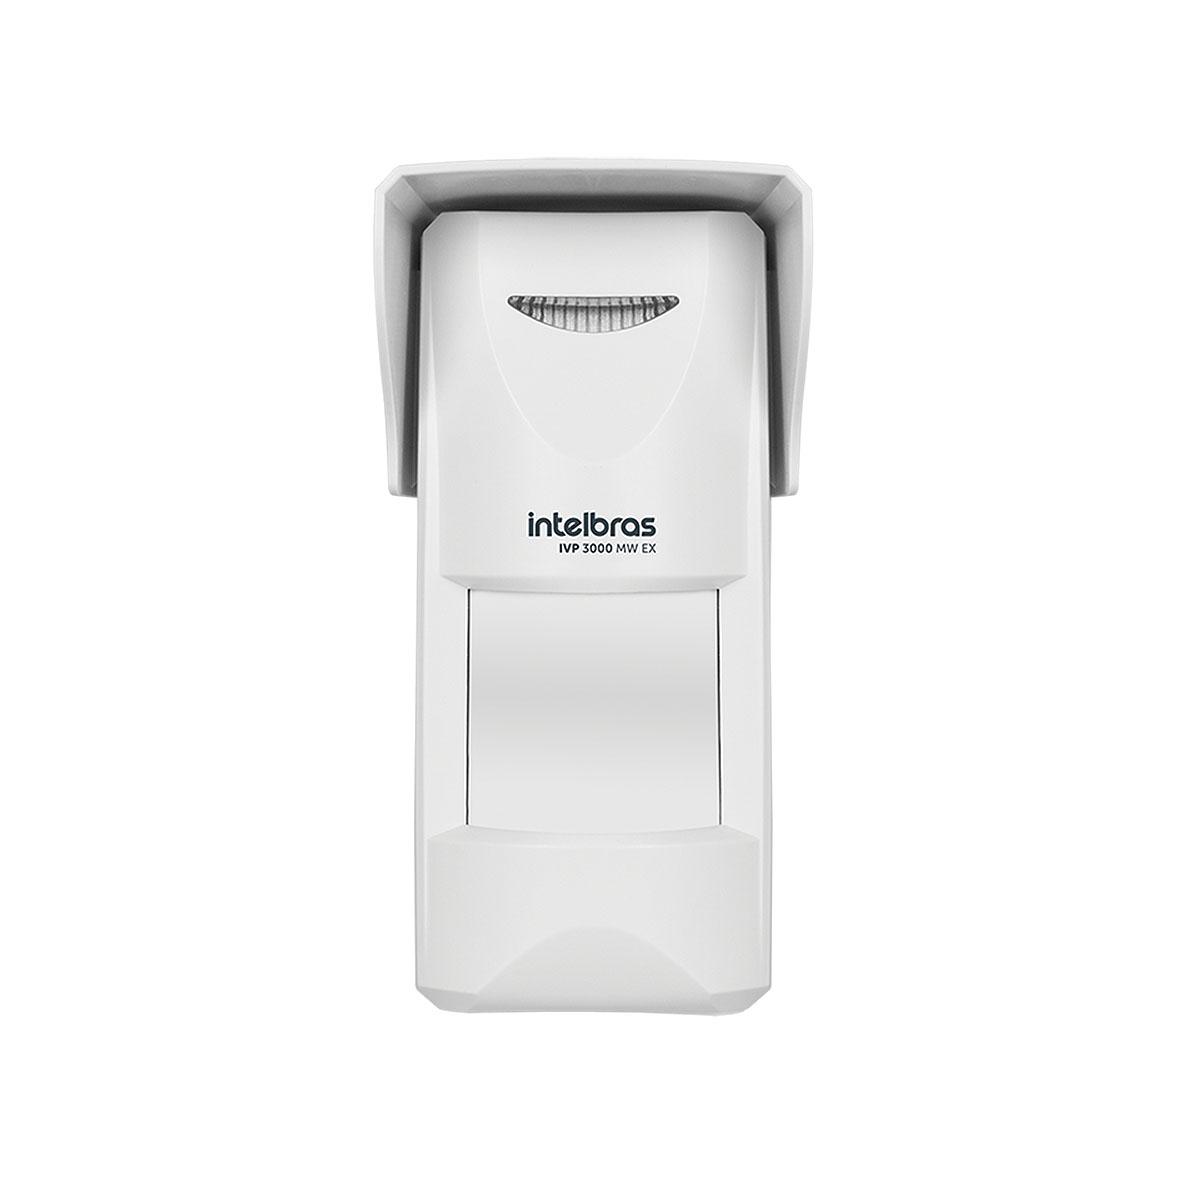 Kit 10 Sensor Externo Com Fio Intelbras Ivp 3000 Mw Ex